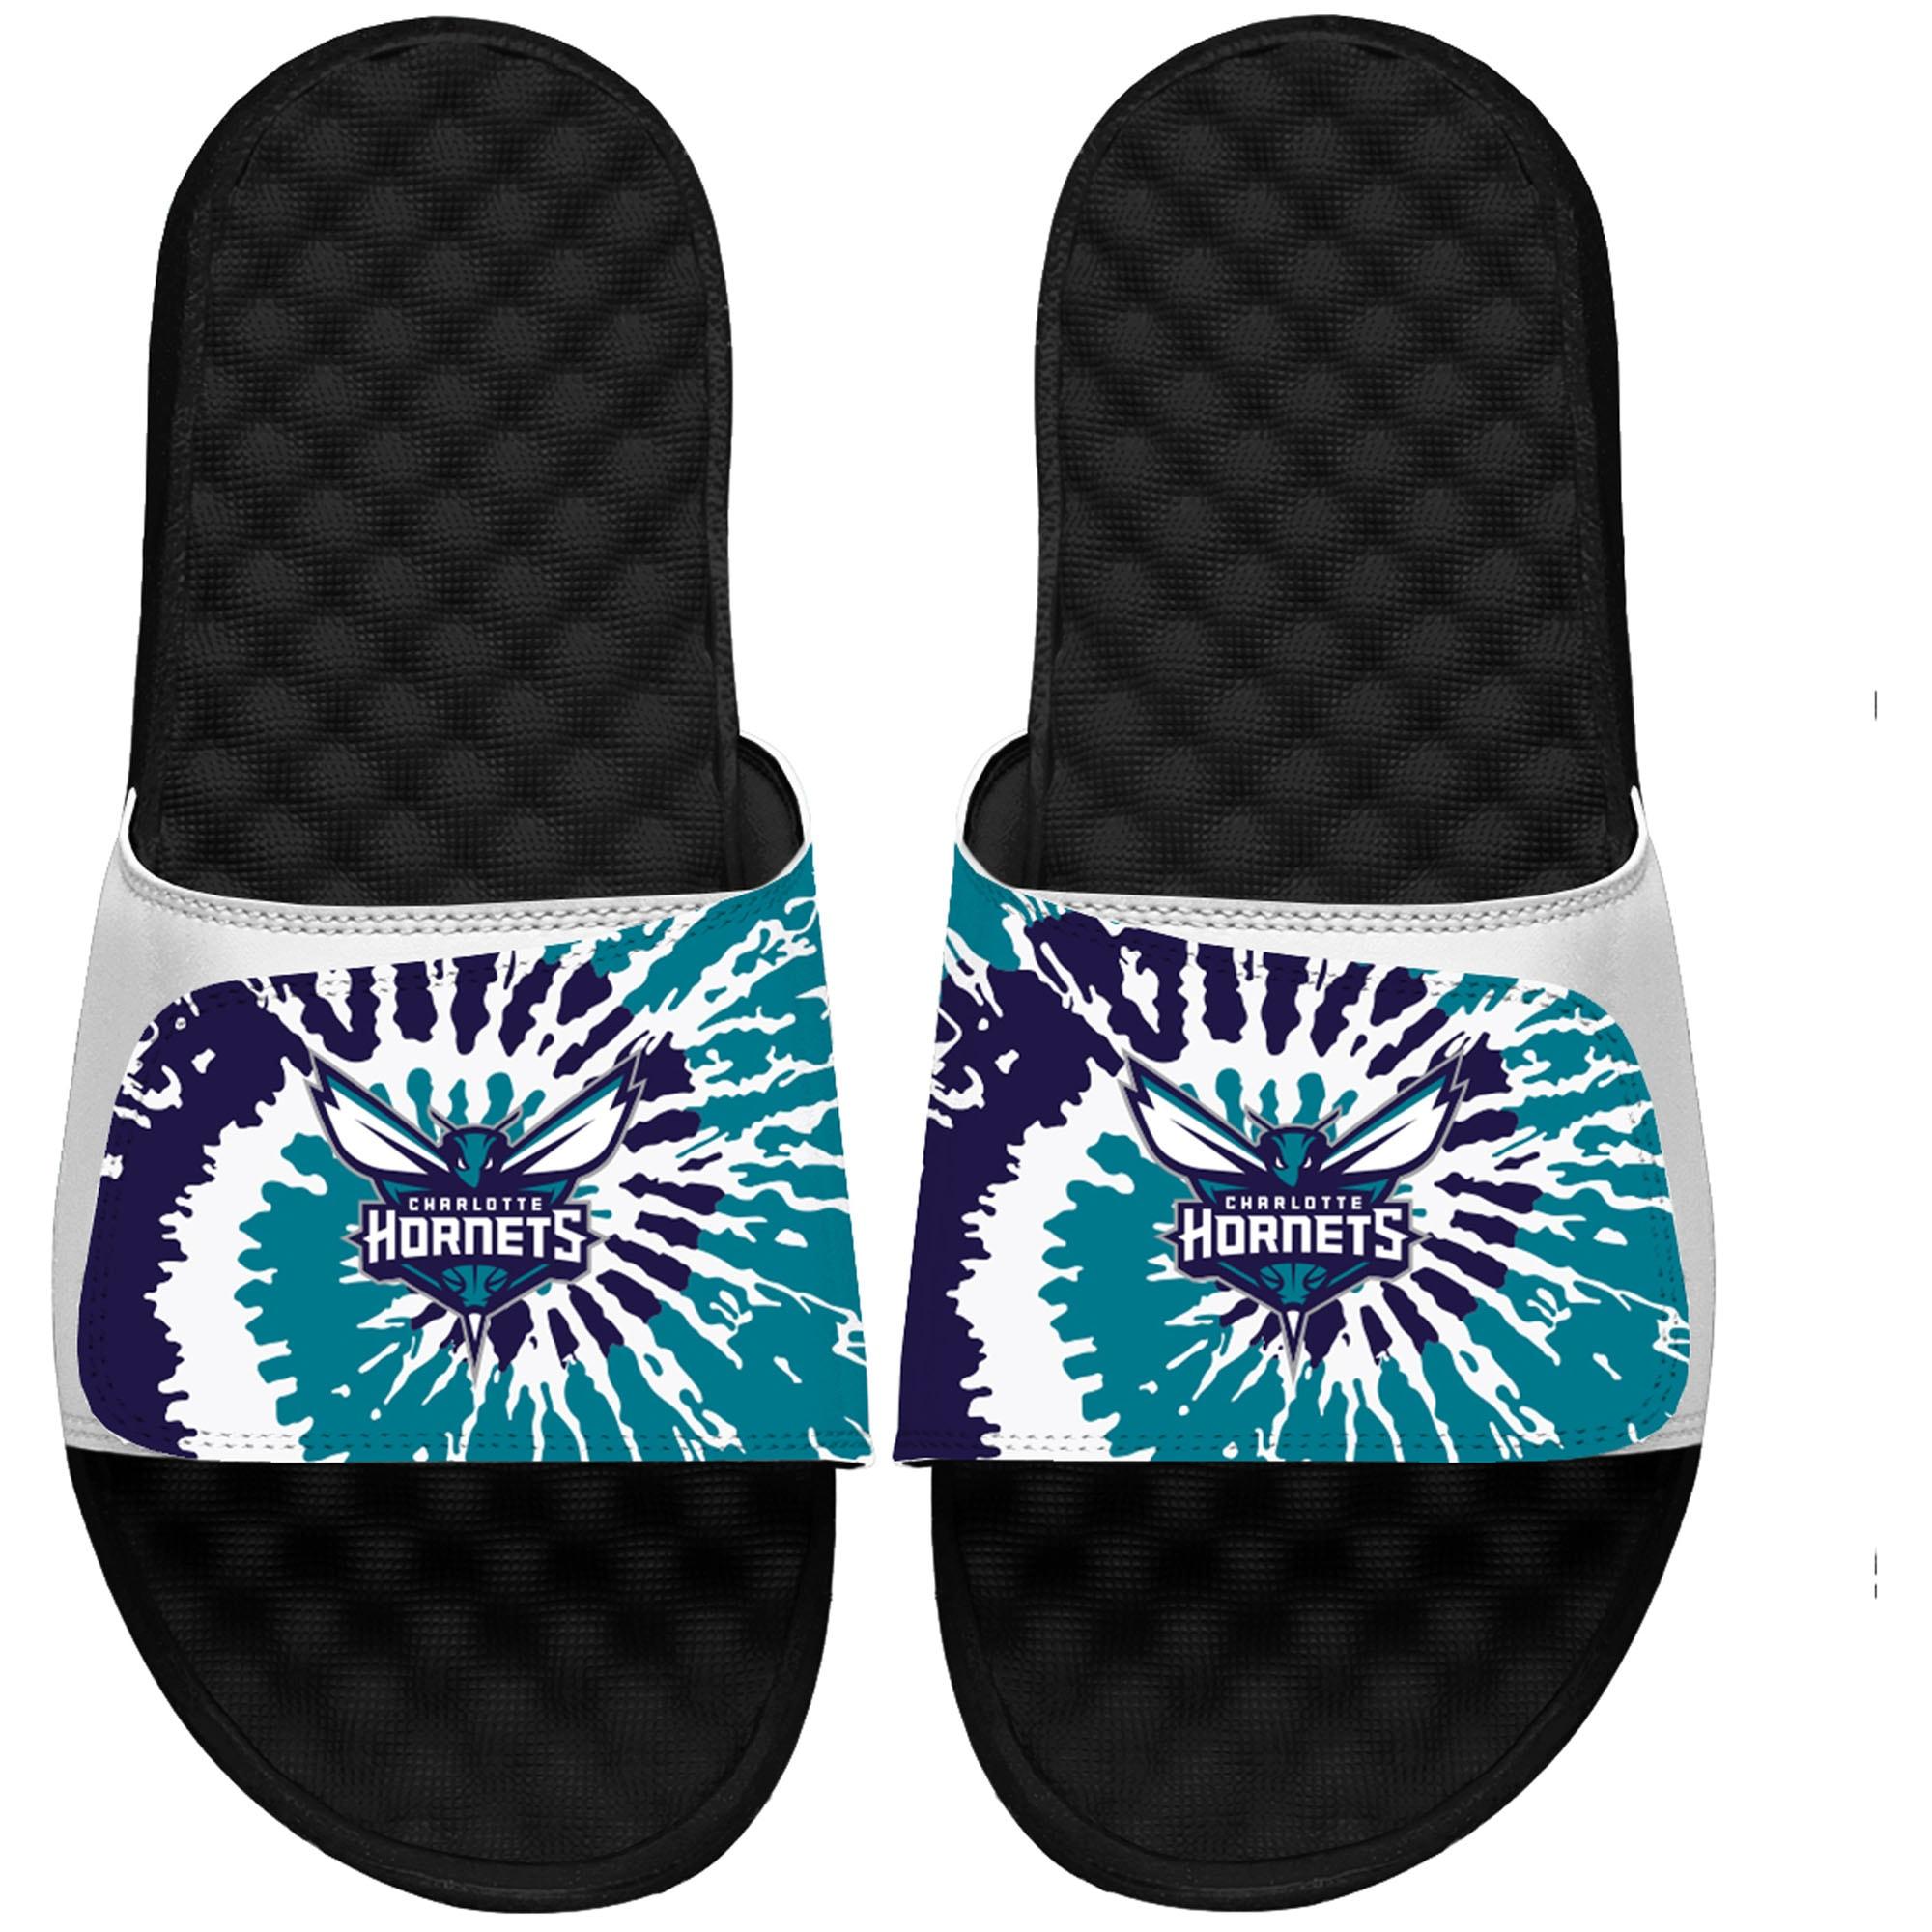 Charlotte Hornets ISlide Tie Dye Slide Sandals - White/Black